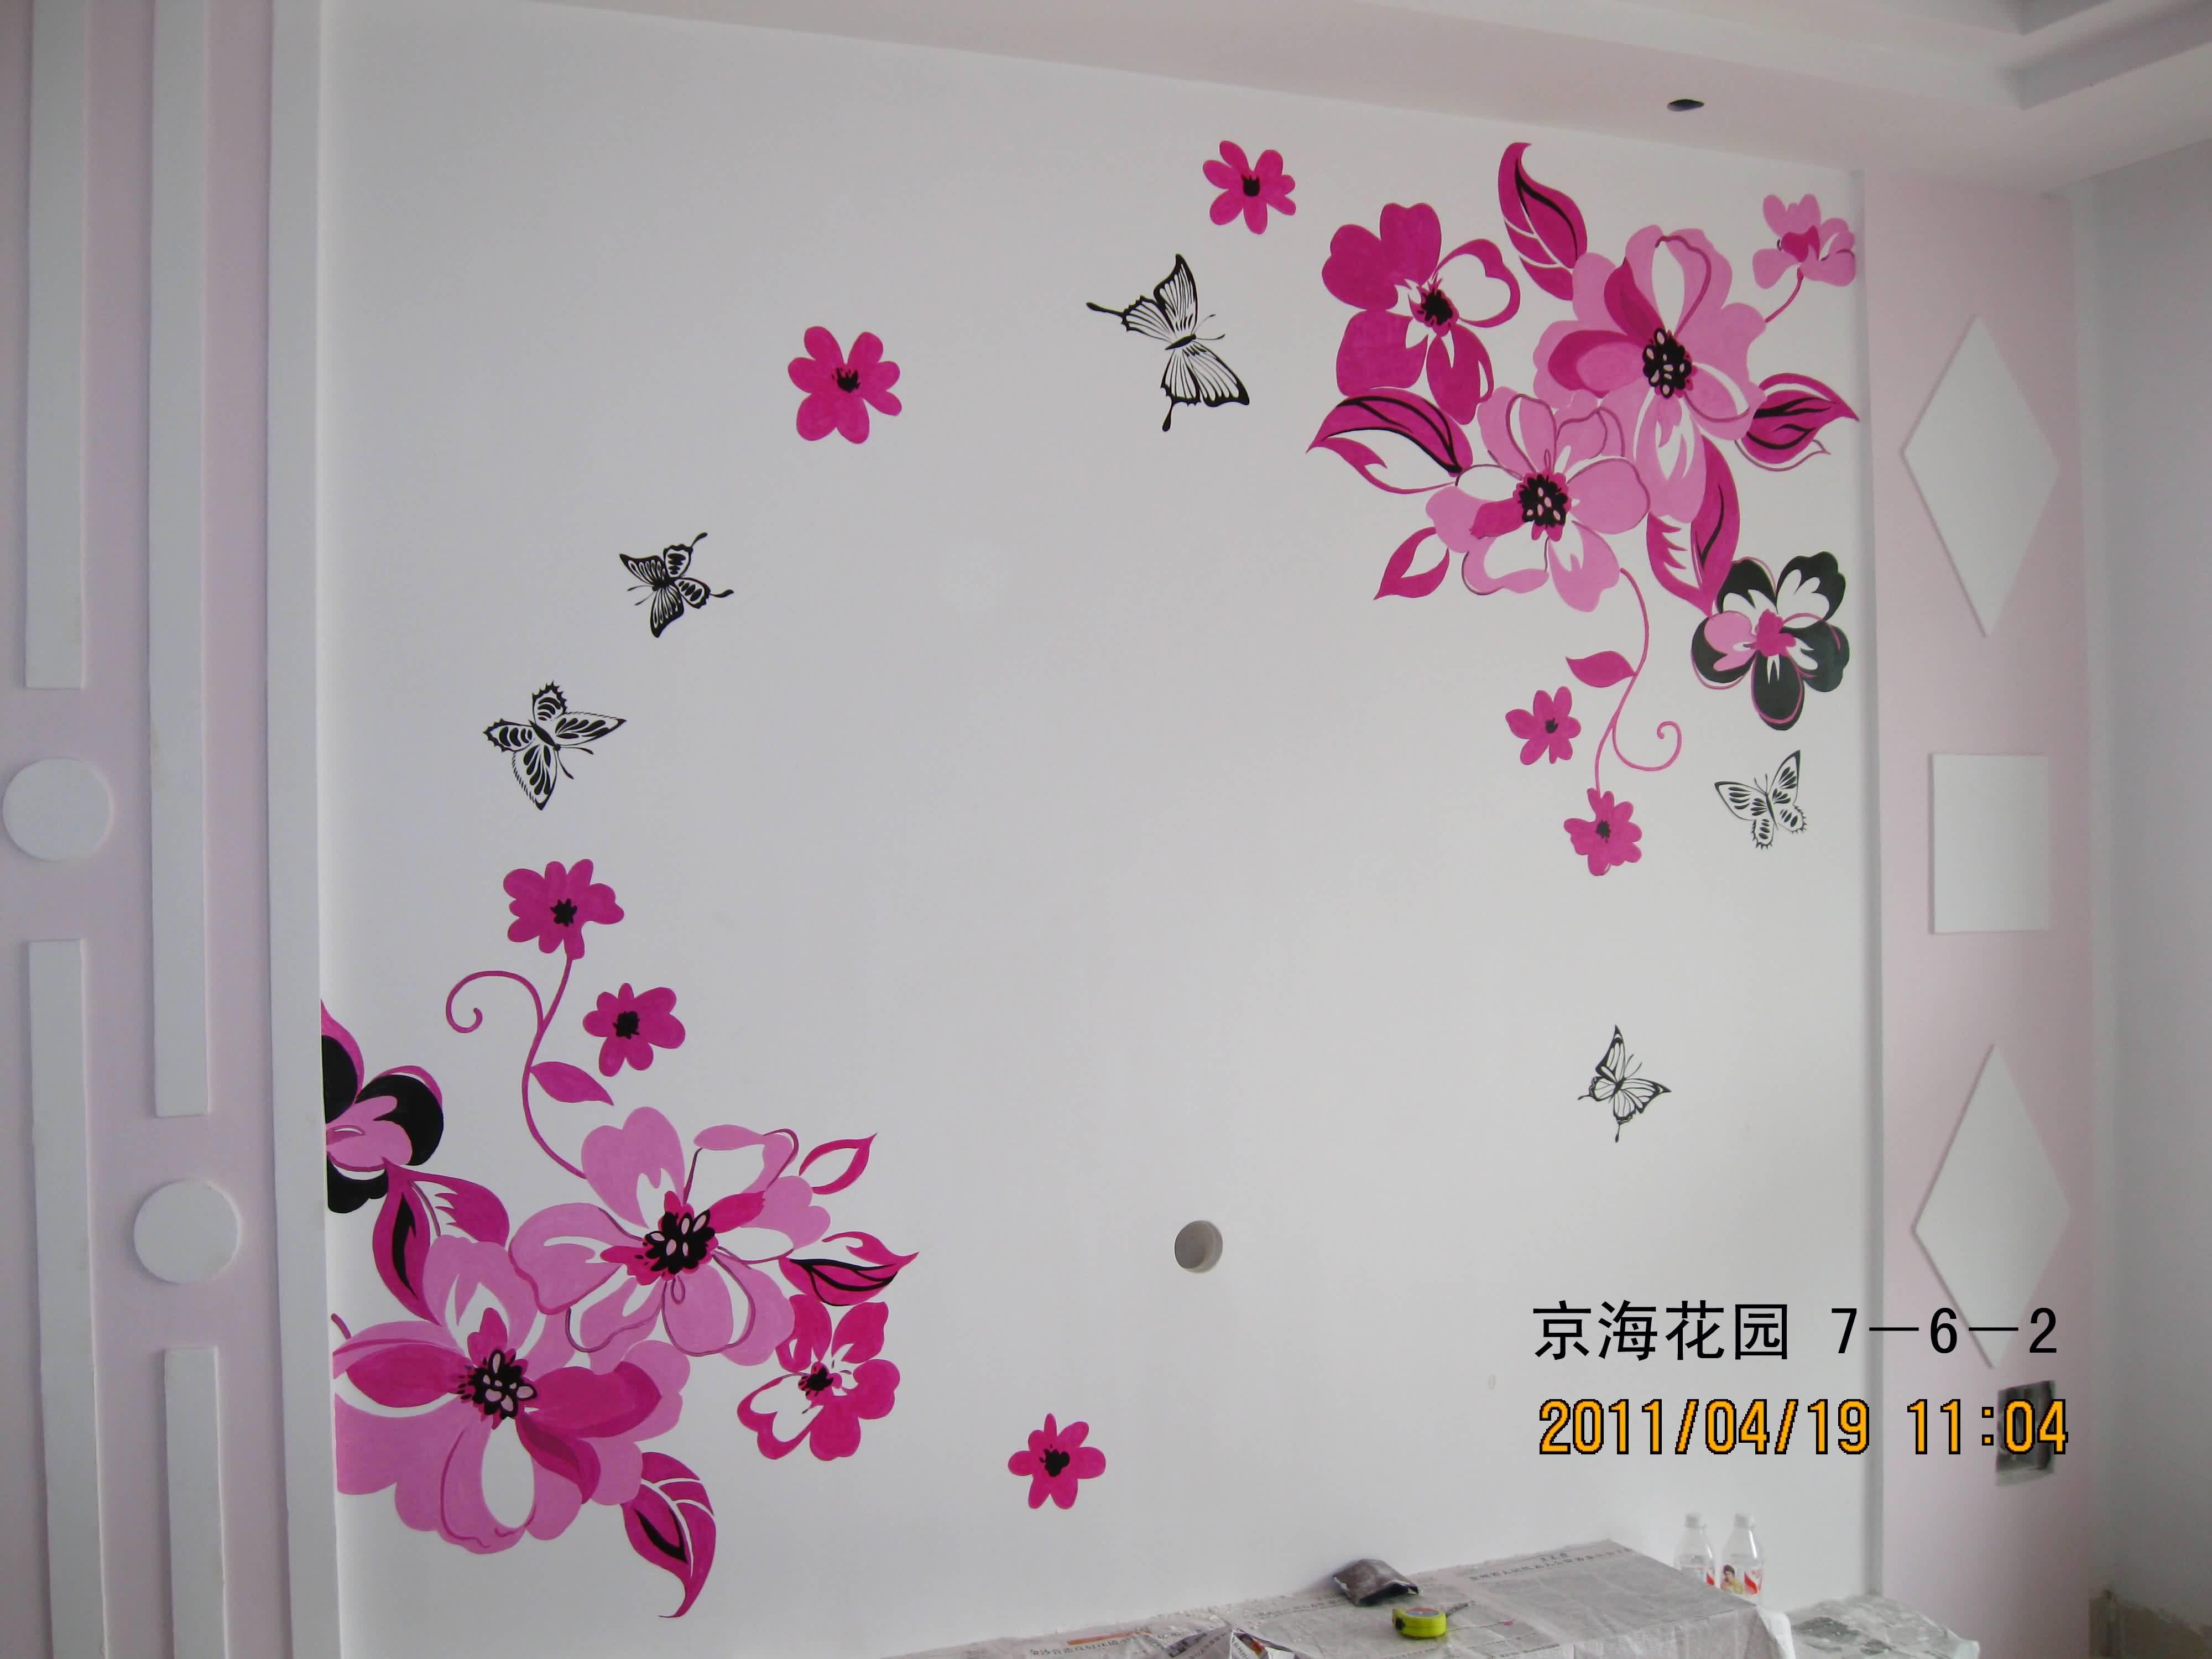 创意手绘墙||武汉手绘墙价格||手绘墙画图片大全